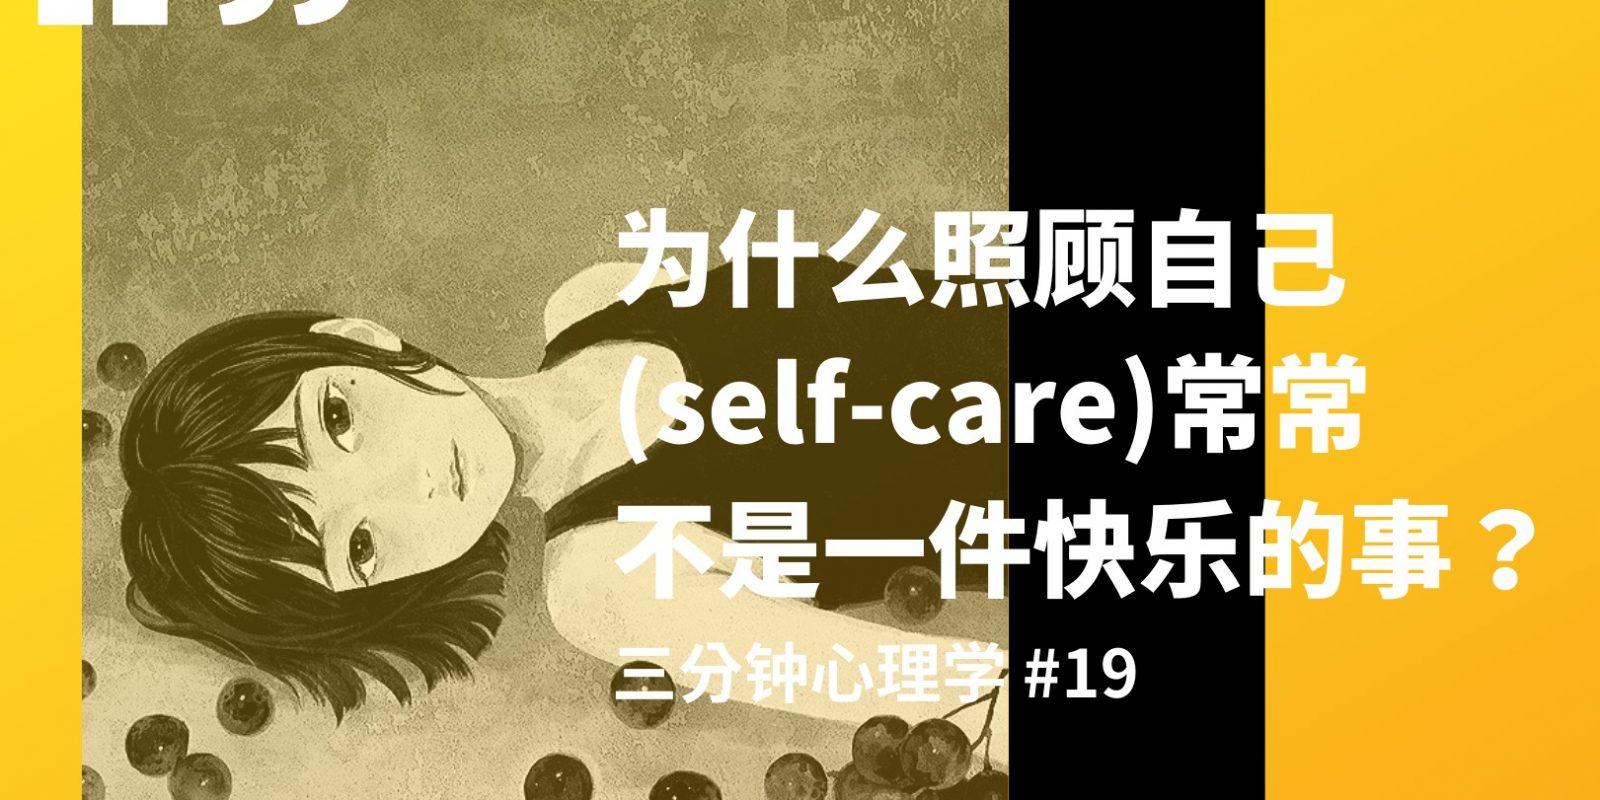 为什么照顾自己,常常不是一件快乐的事情